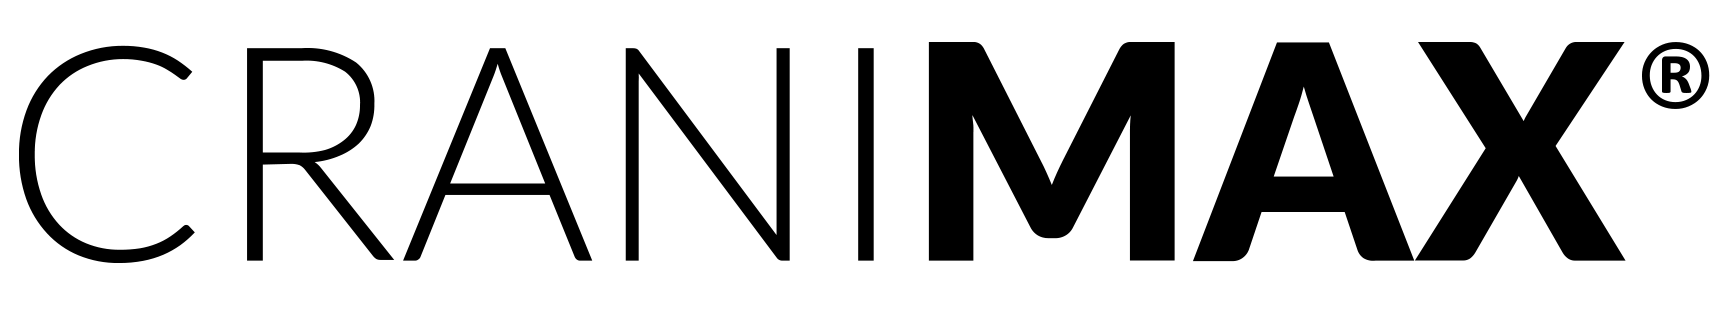 CRANIMAX GmbH